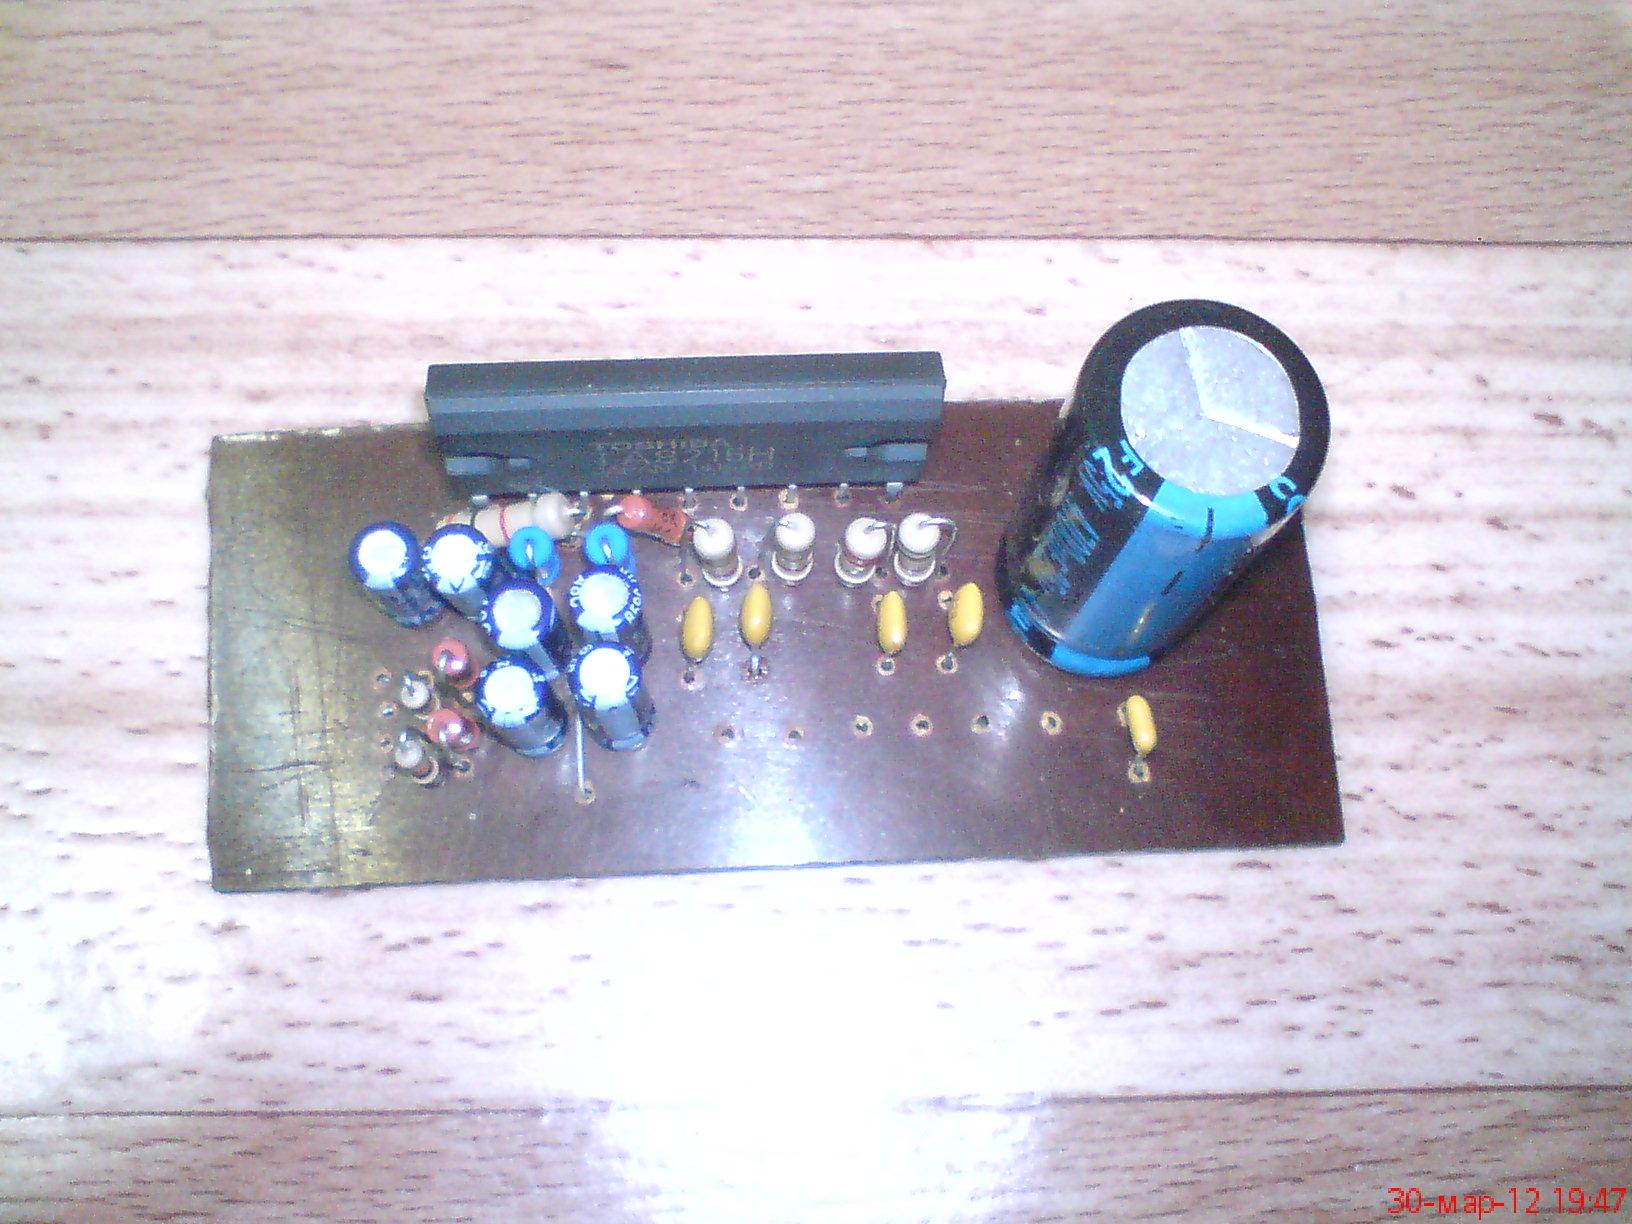 схема умзч на микросхеме ta8210ahq